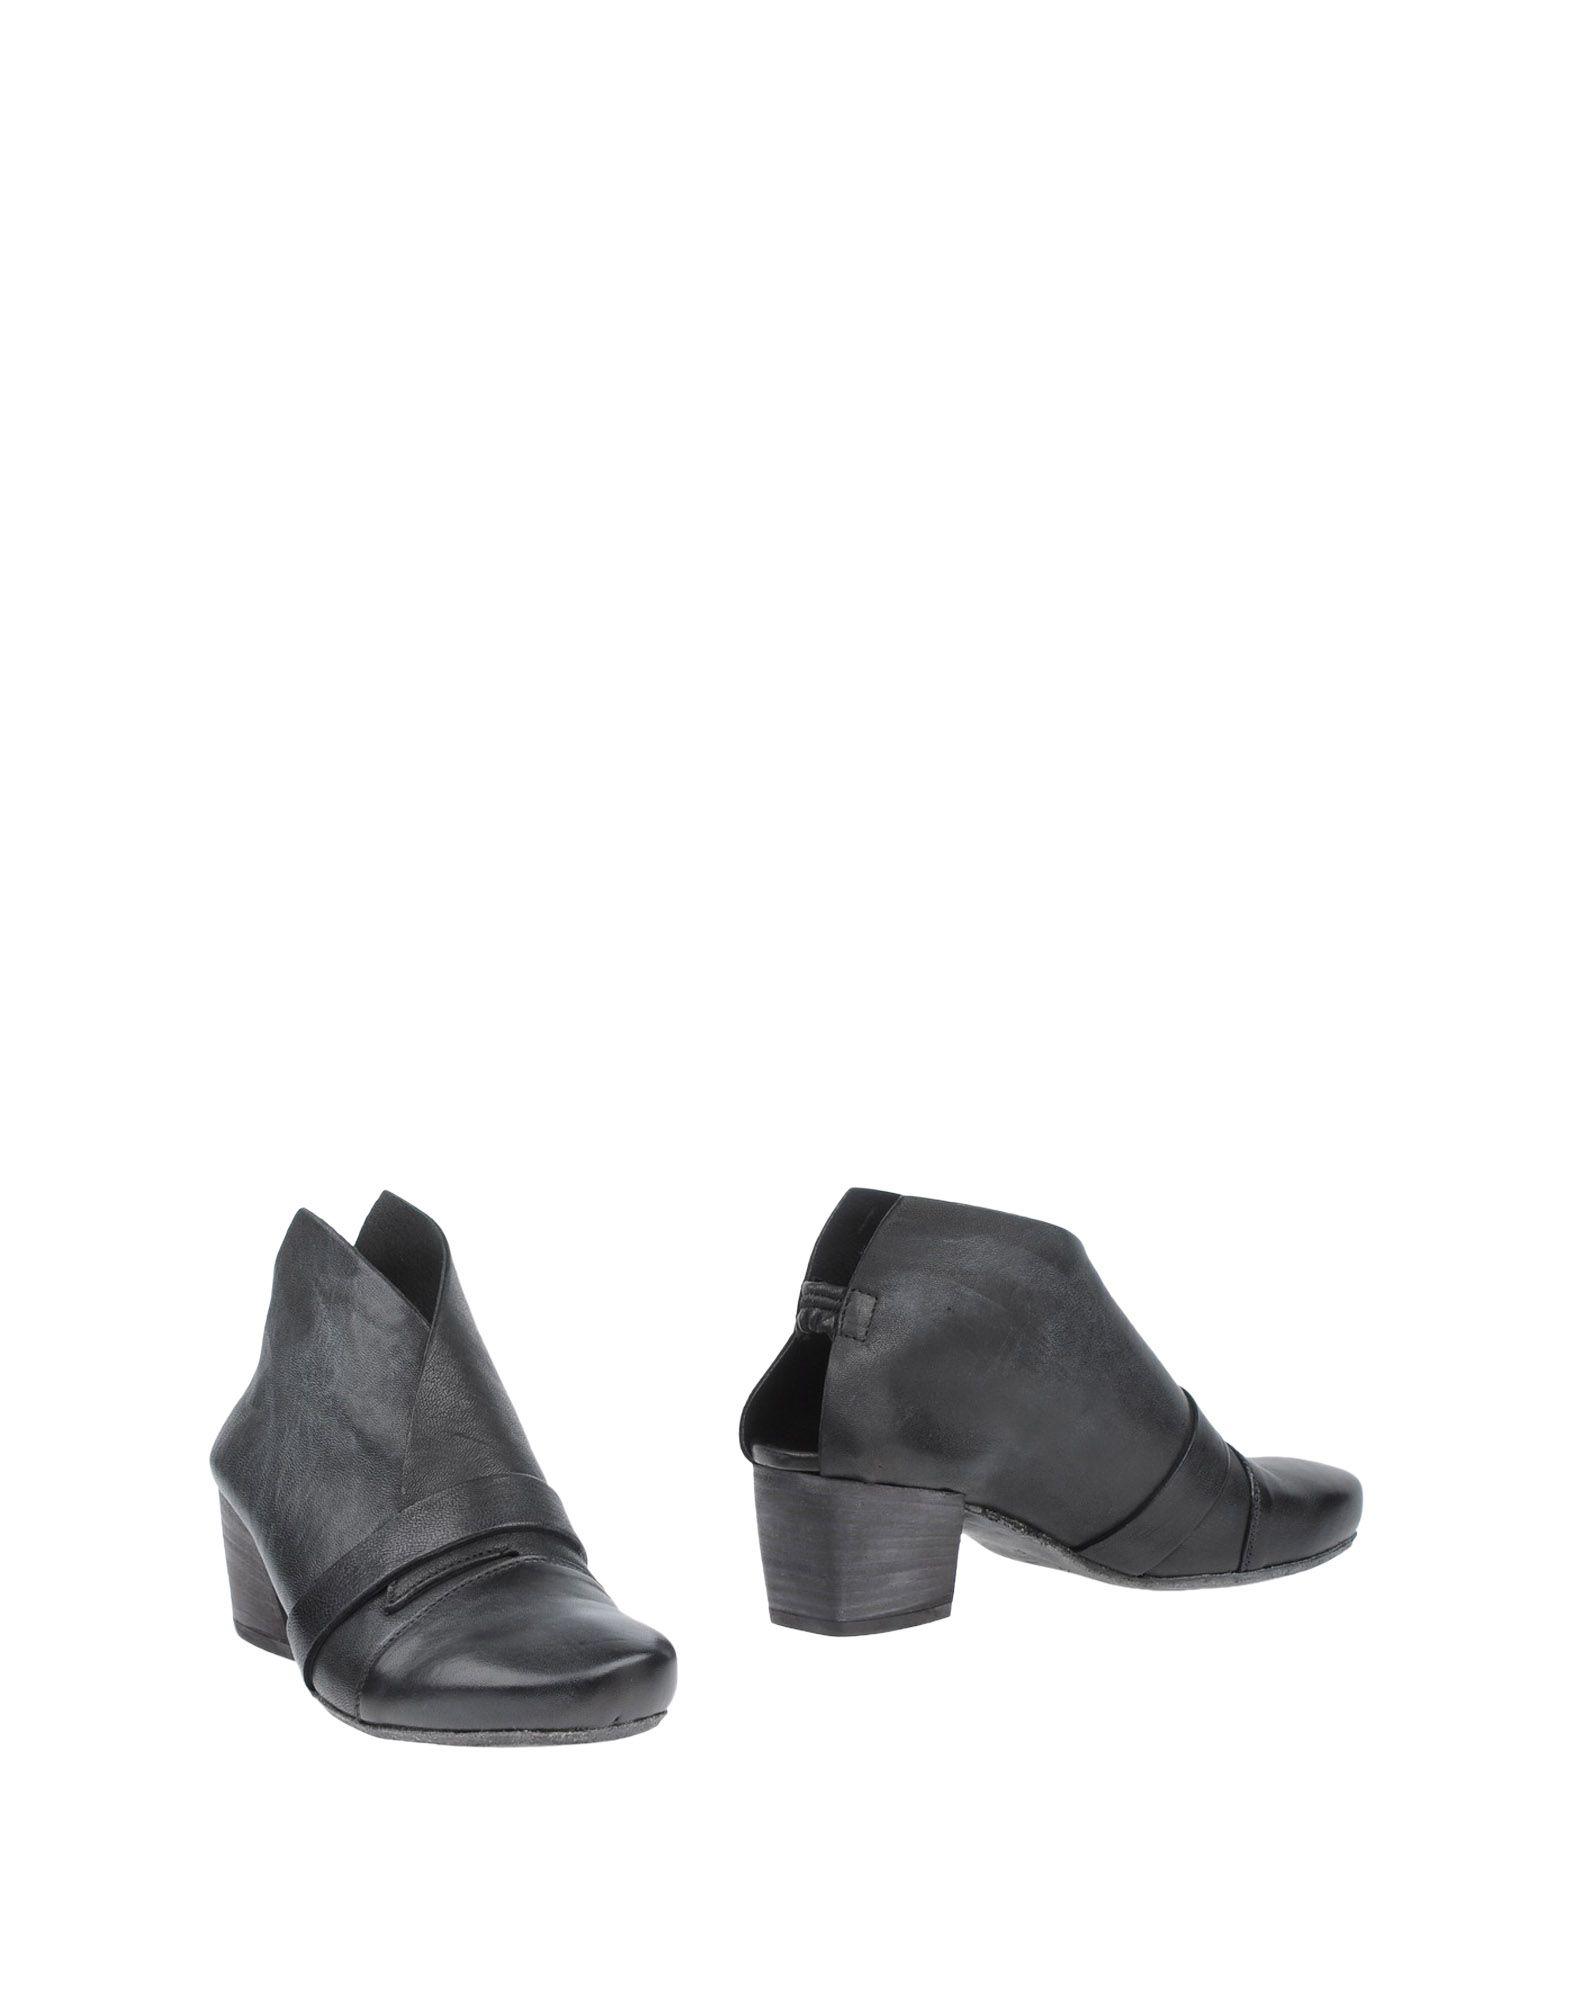 1725.A Stiefelette Damen  11332741FH Gute Qualität beliebte Schuhe